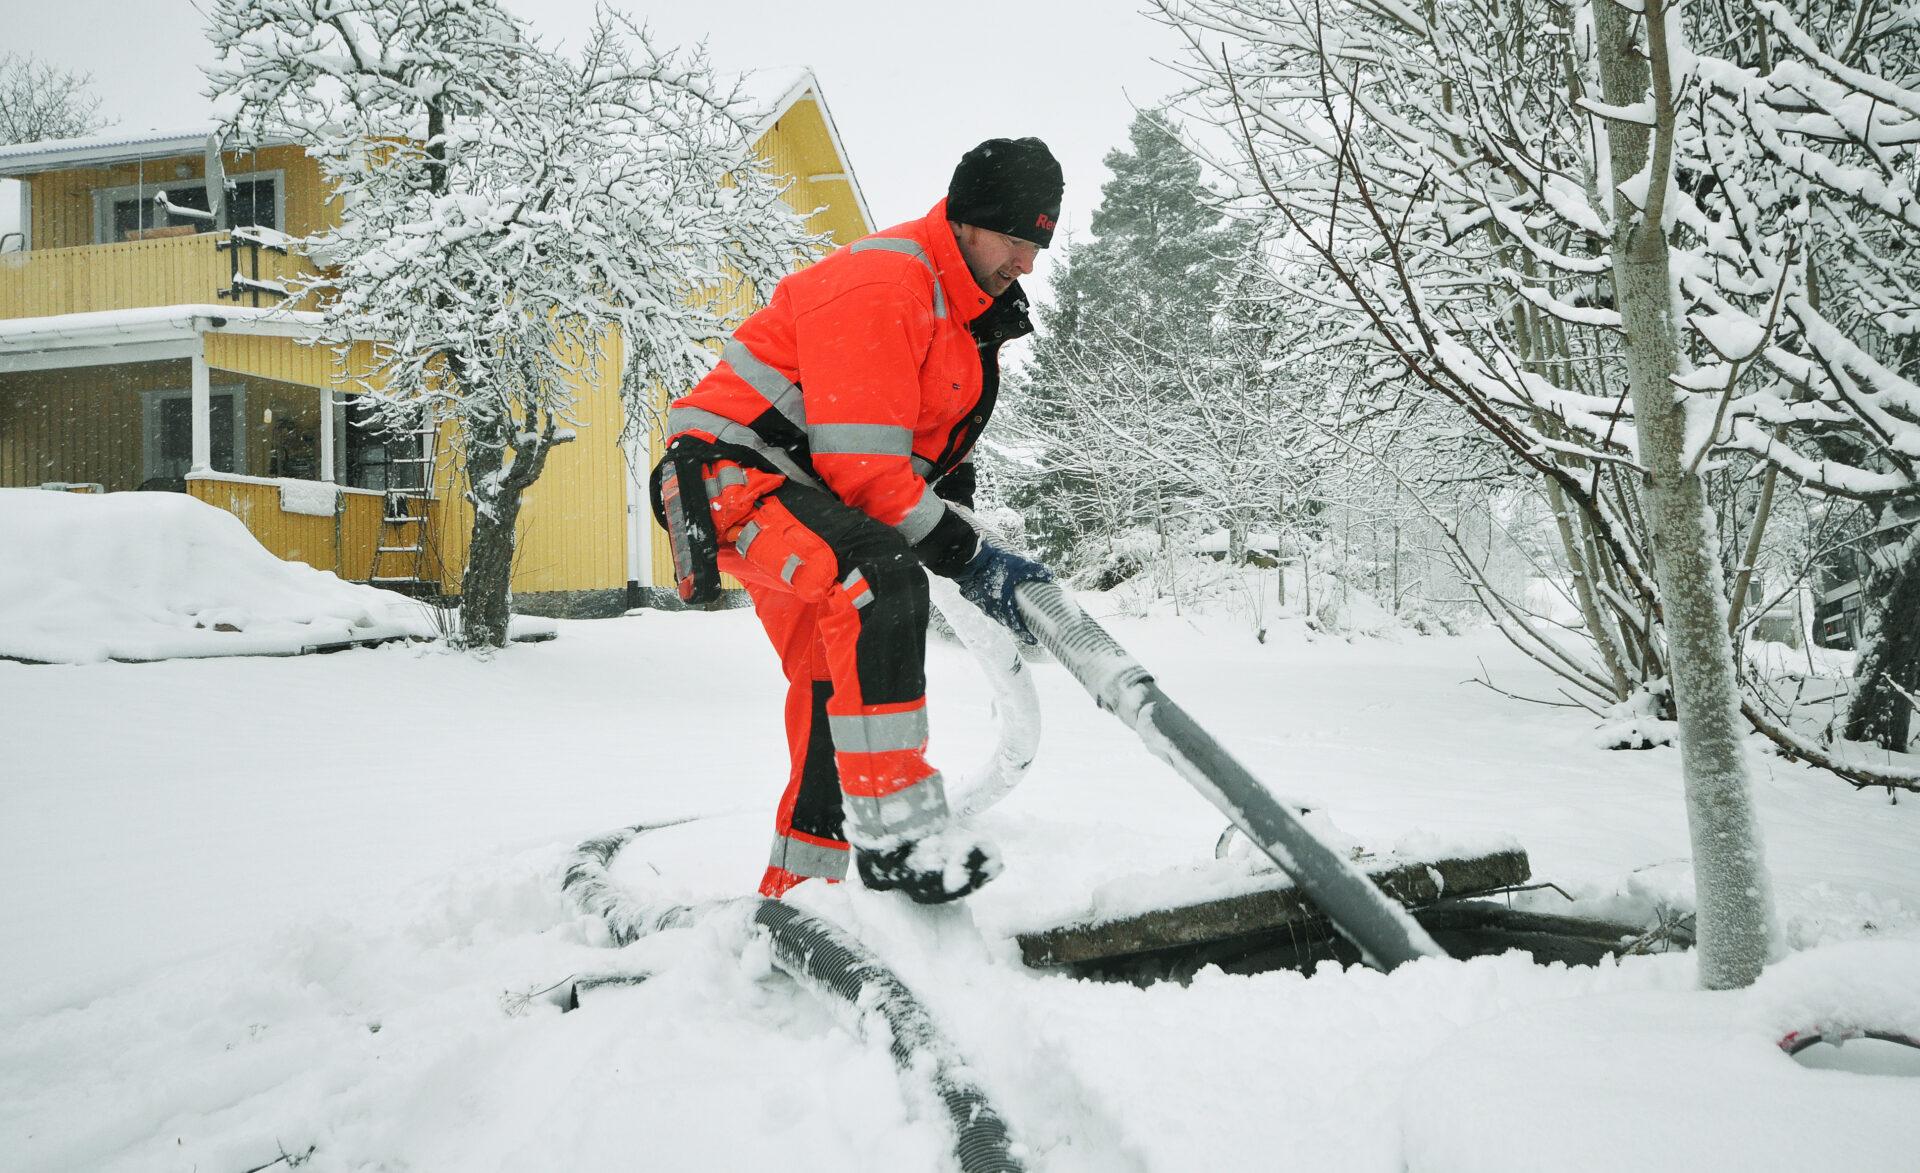 Arbetare spolar avlopp utanför bostad. Avloppsspolning får bort avlagringar, slam och grus ur rör och ledningar.